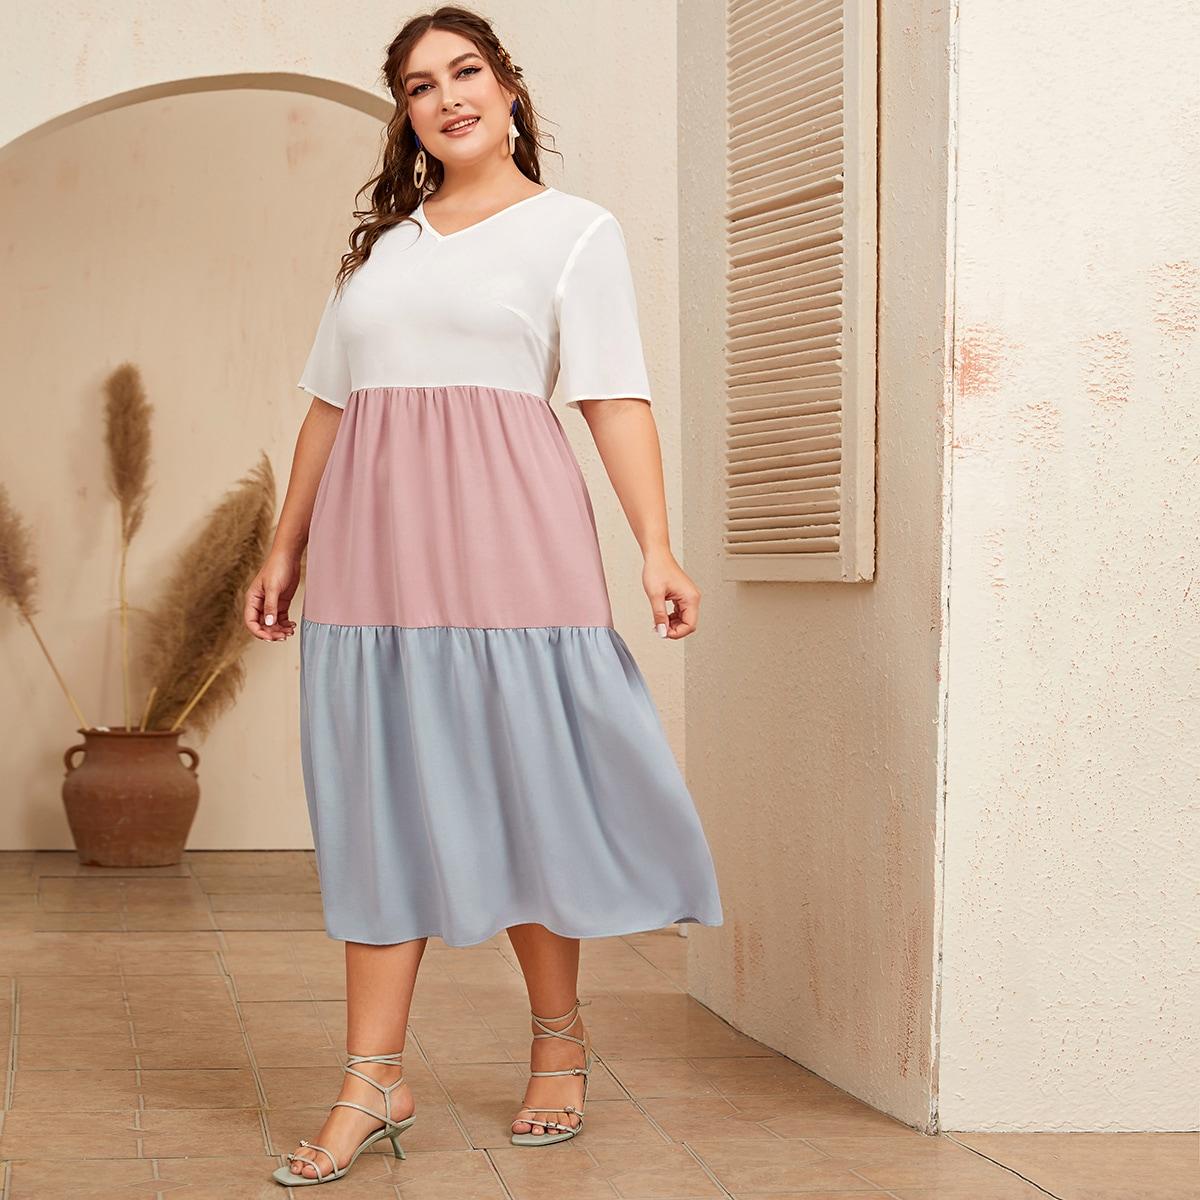 Контрастное платье размера плюс с молнией сзади фото